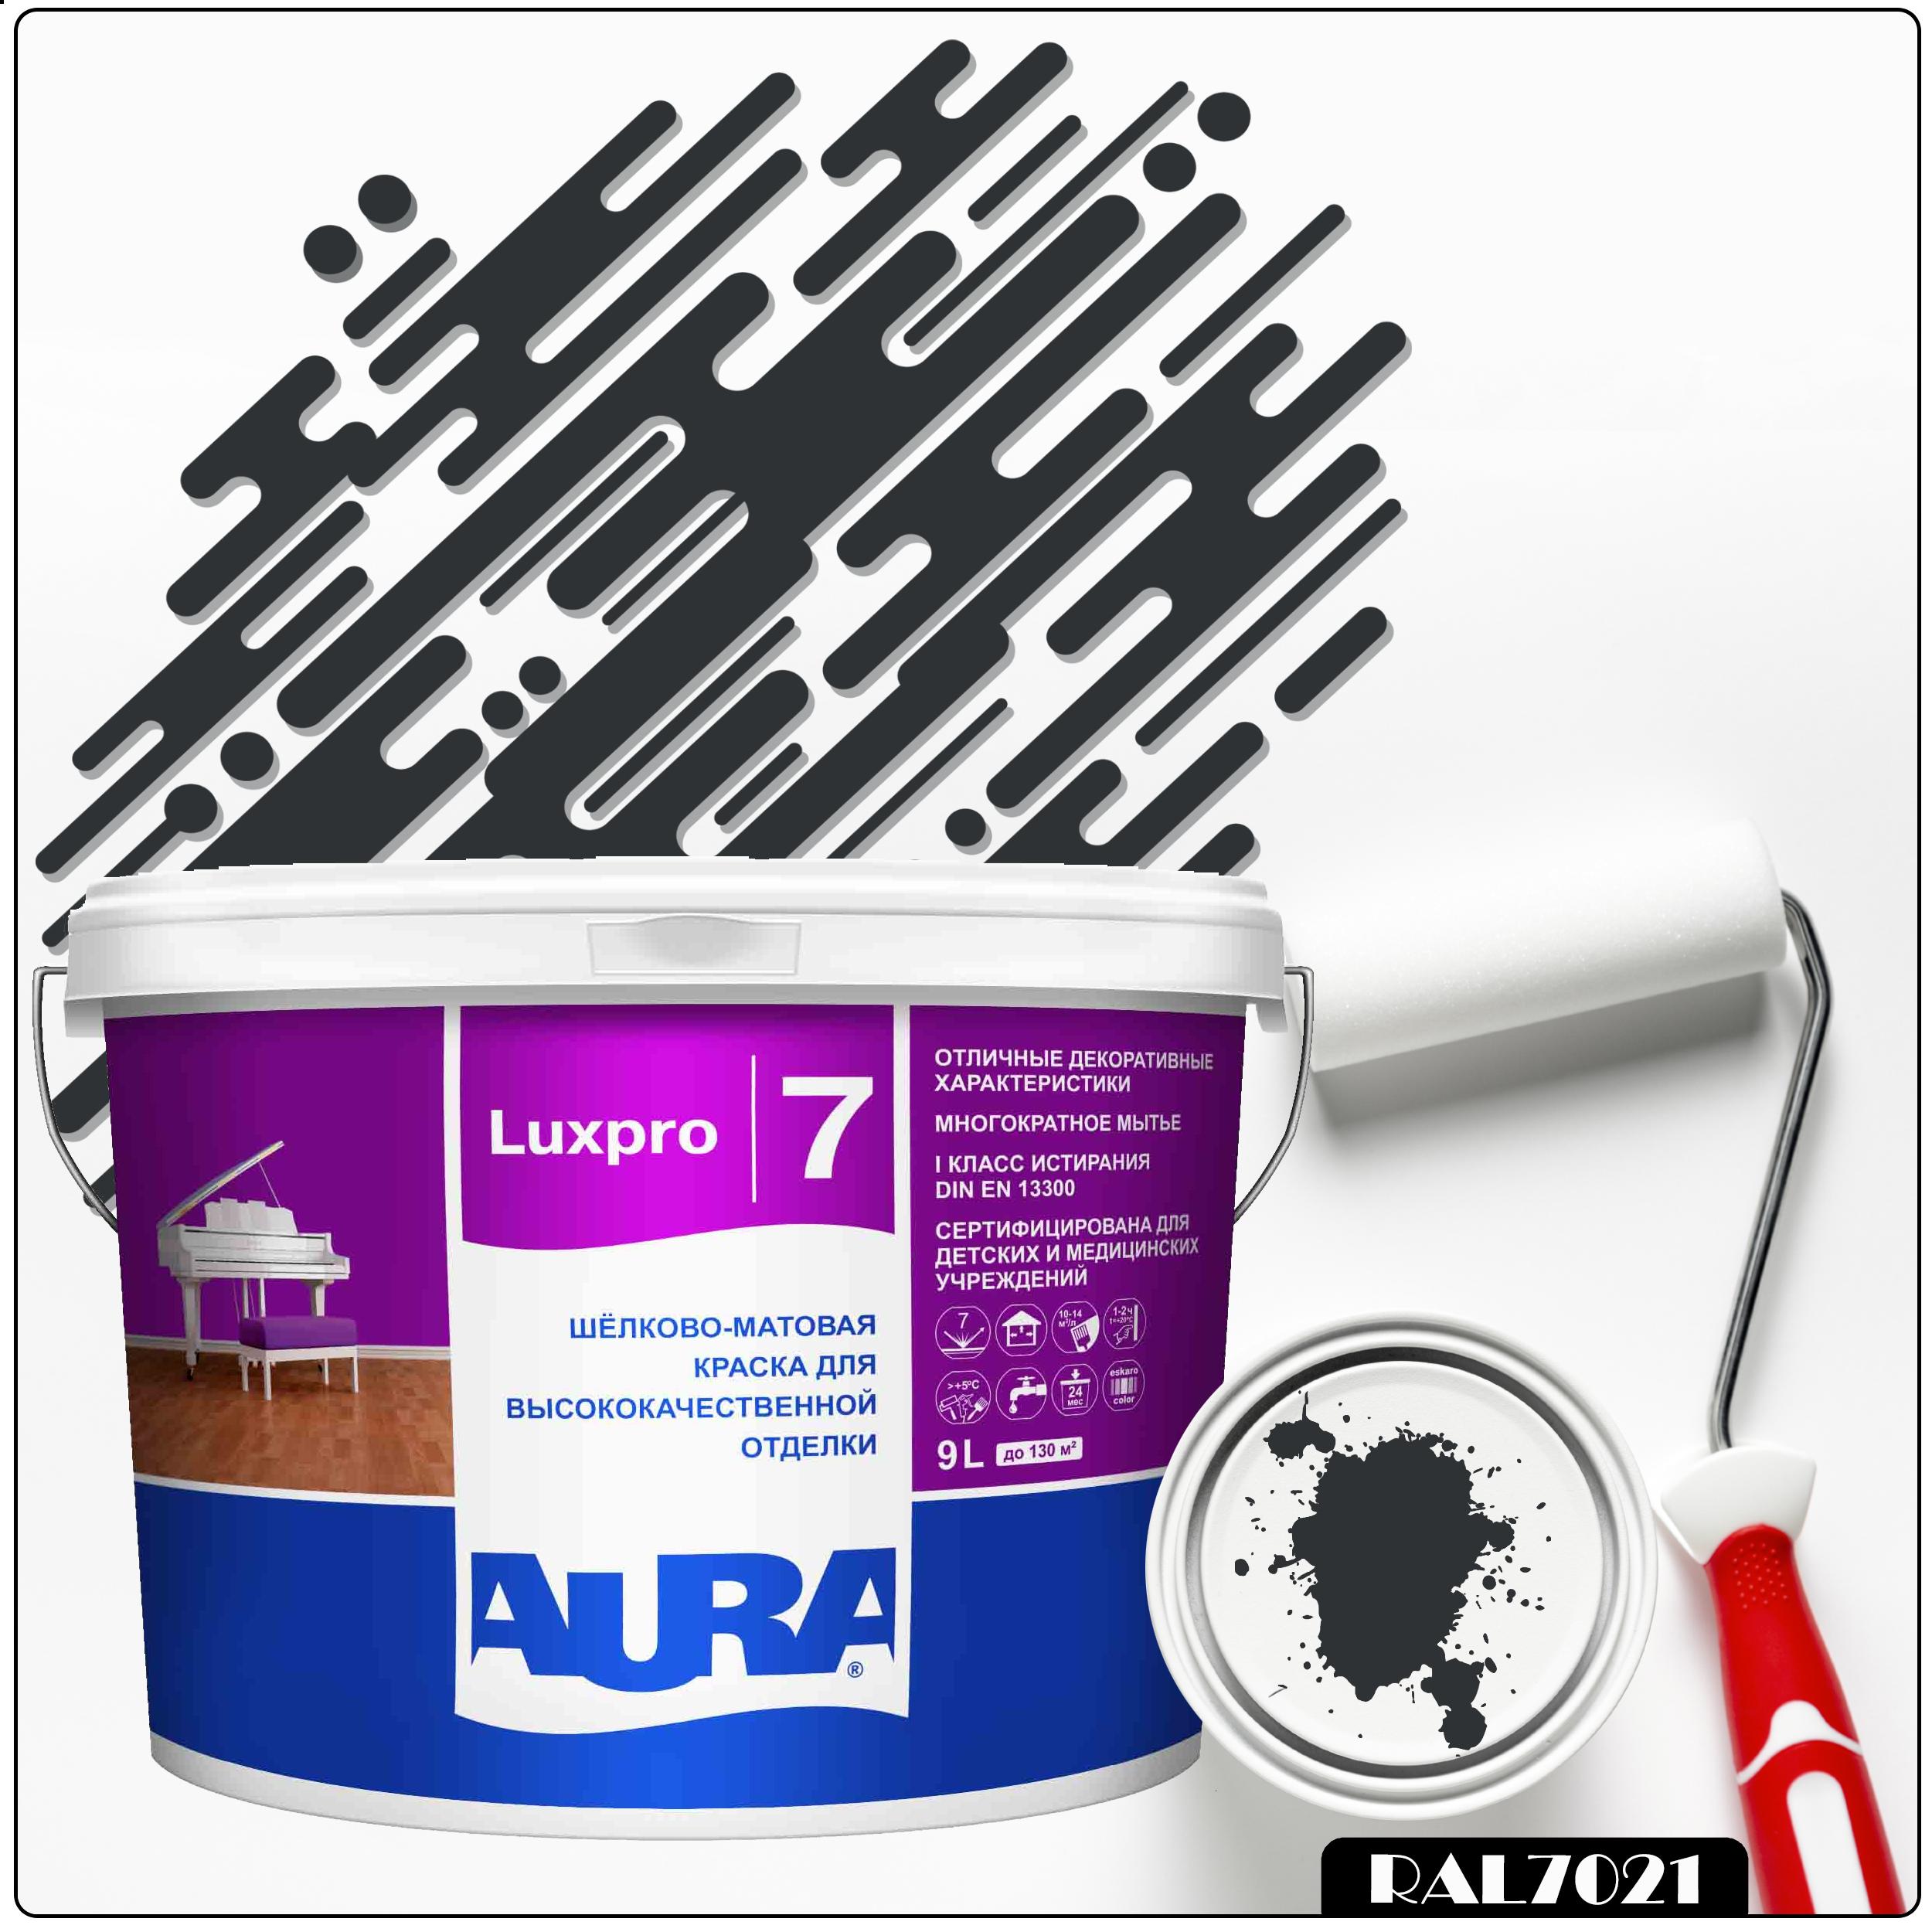 Фото 16 - Краска Aura LuxPRO 7, RAL 7021 Чёрно-серый, латексная, шелково-матовая, интерьерная, 9л, Аура.